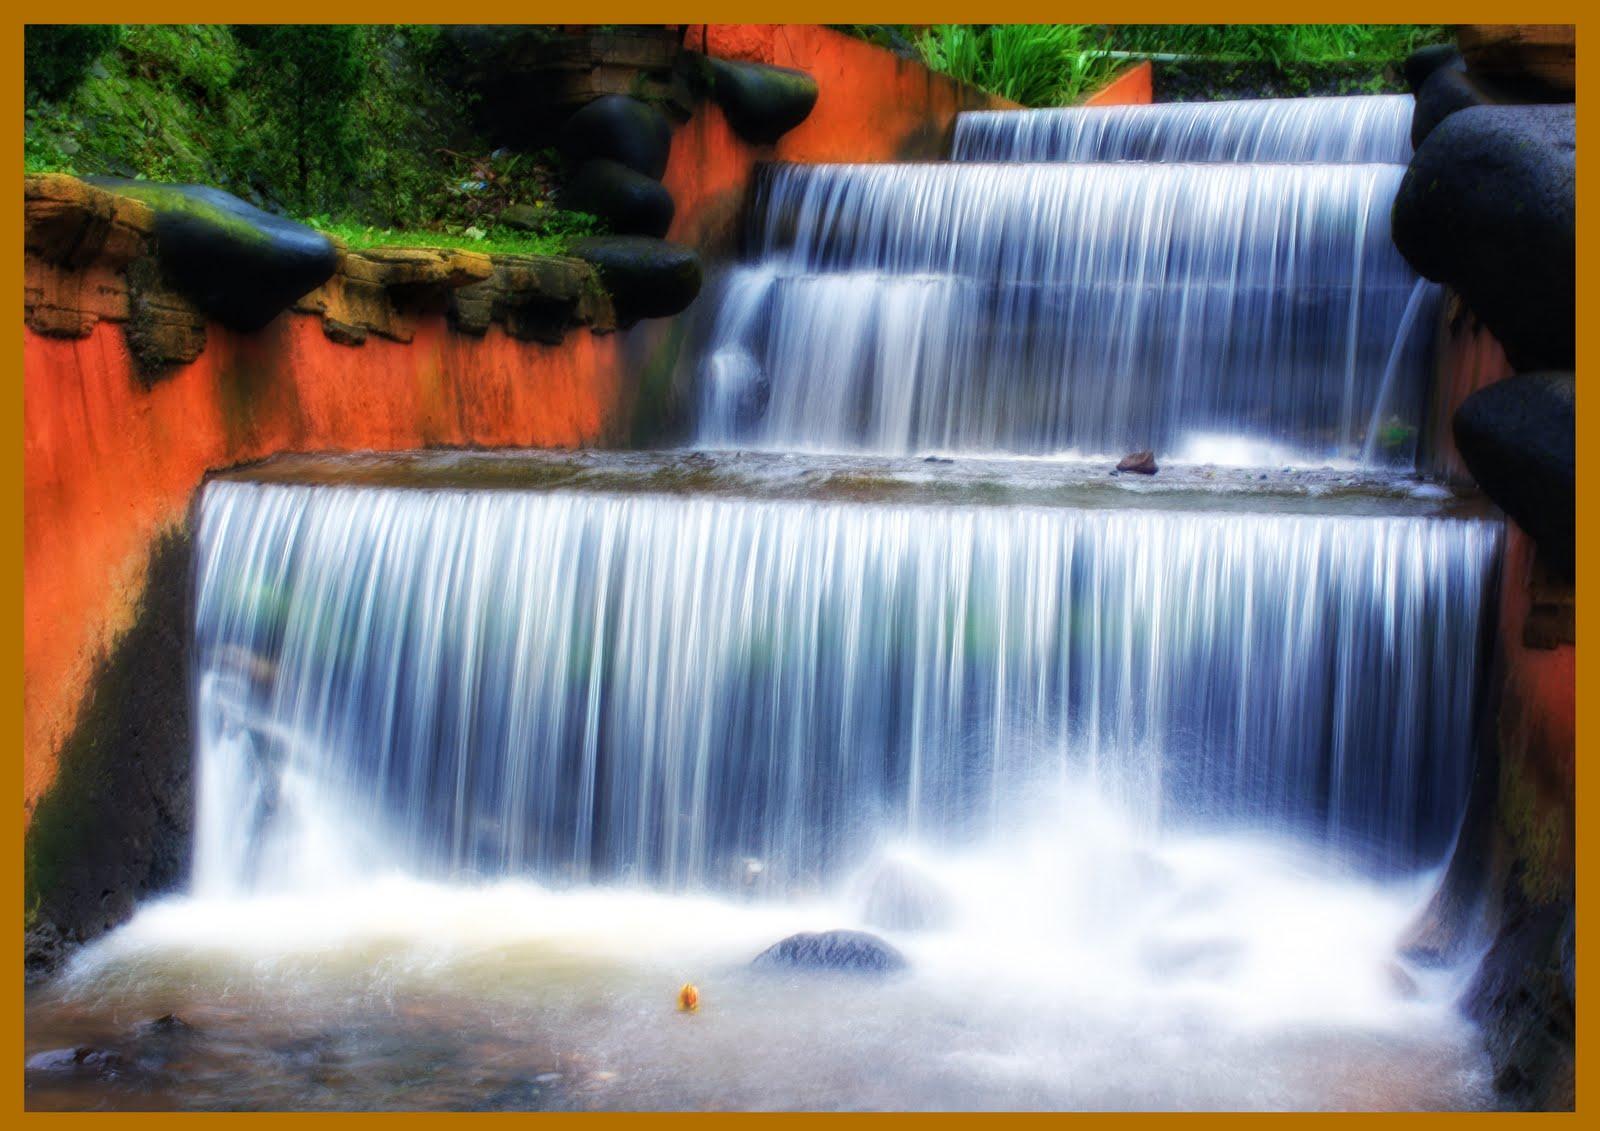 Download this Air Terjun Awun Puncak... picture